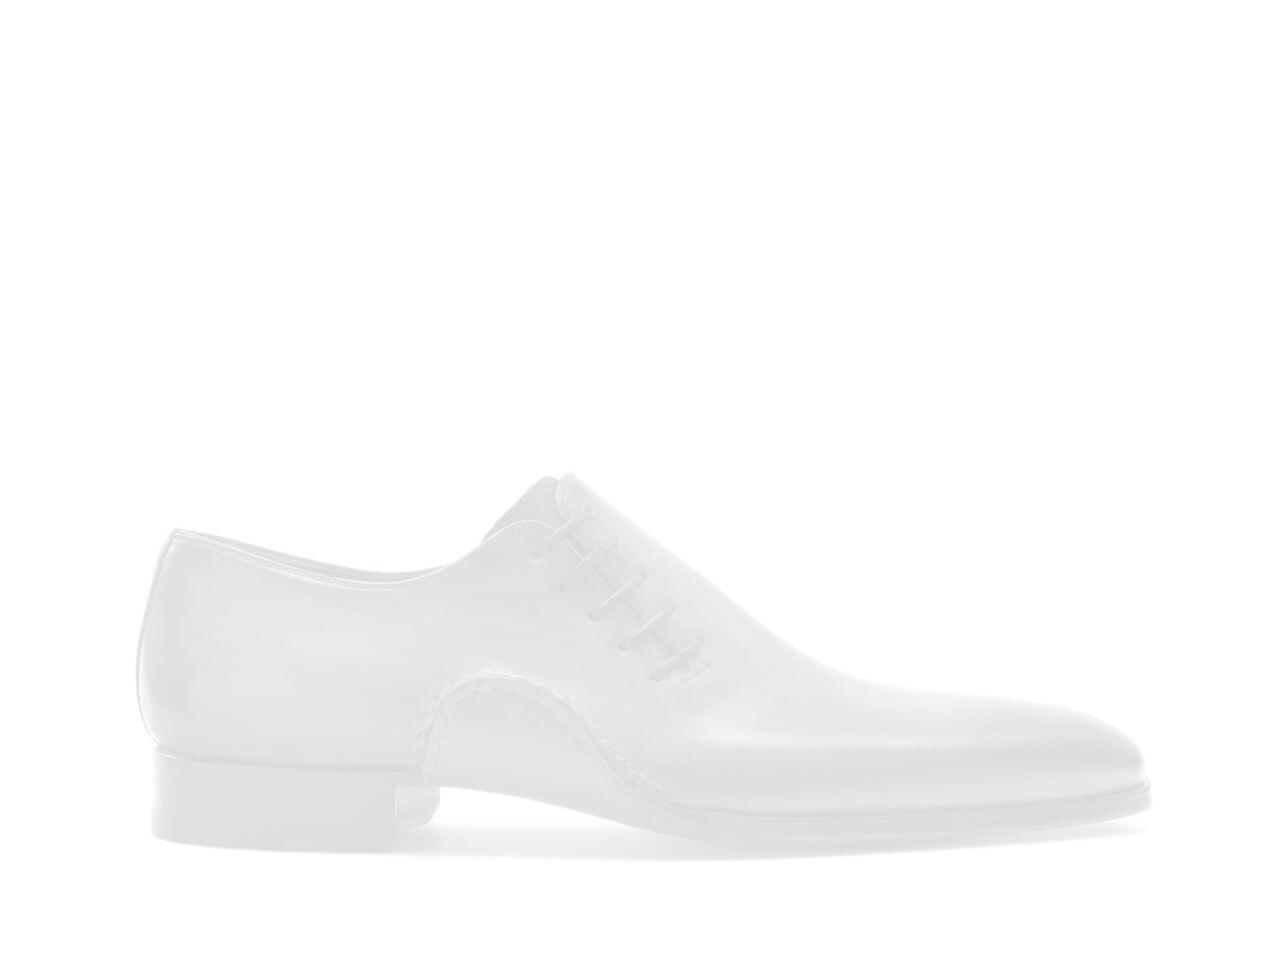 Pair of the Magnanni Franklin Cognac Men's Oxford Shoes